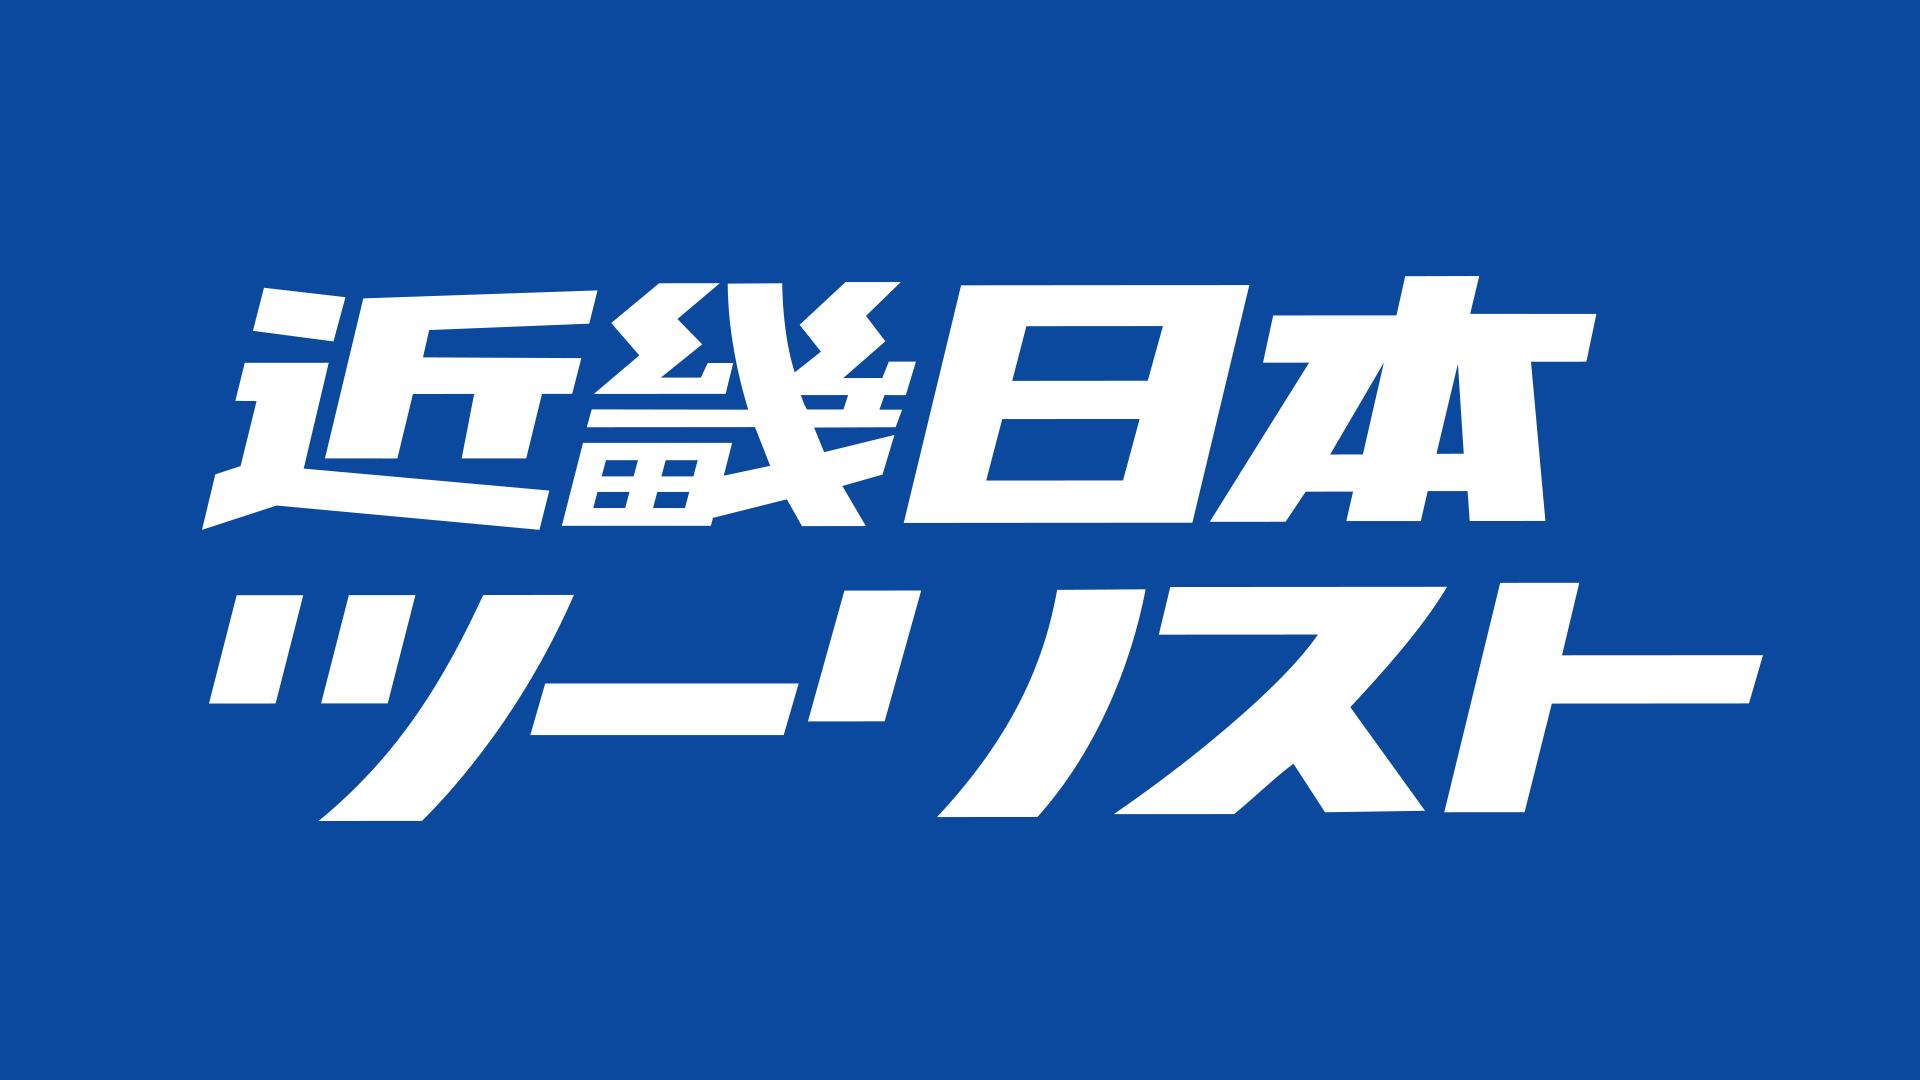 近畿日本ツーリスト - Wikipedia